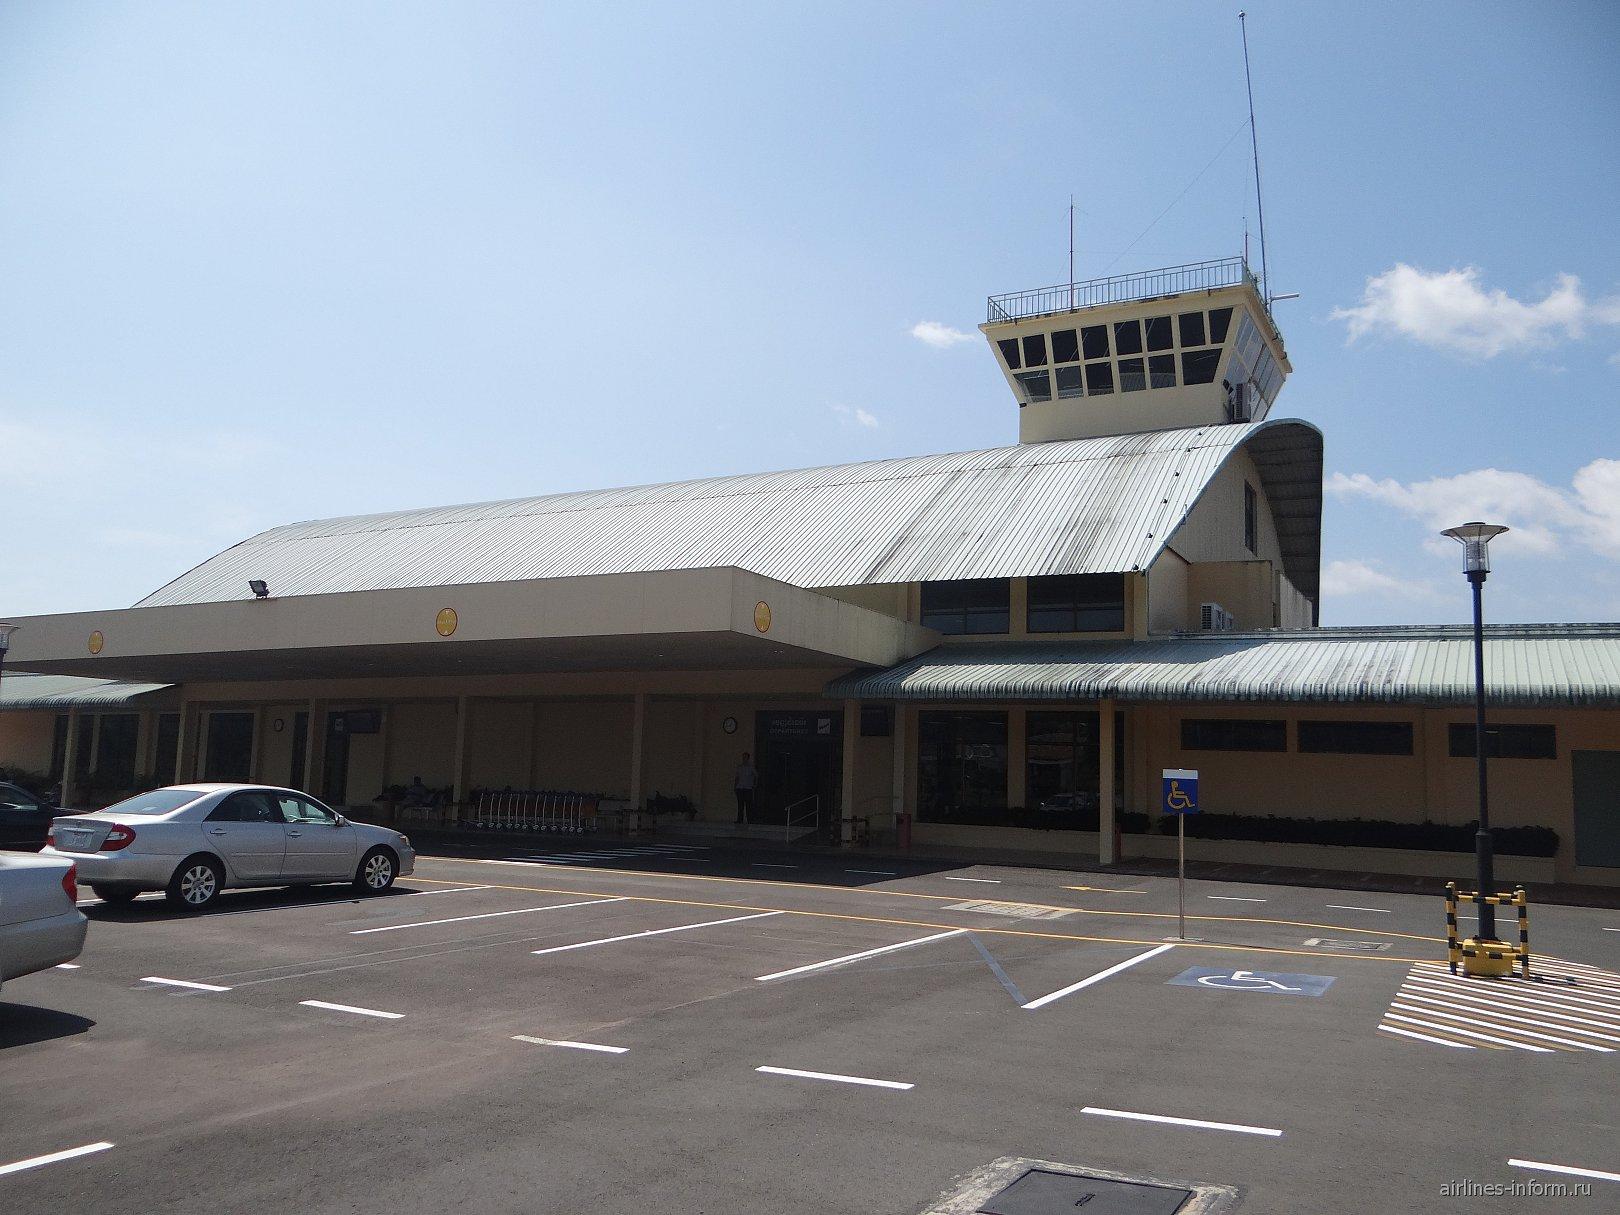 Аэровокзал и диспетчерская вышка аэропорта Сиануквиль